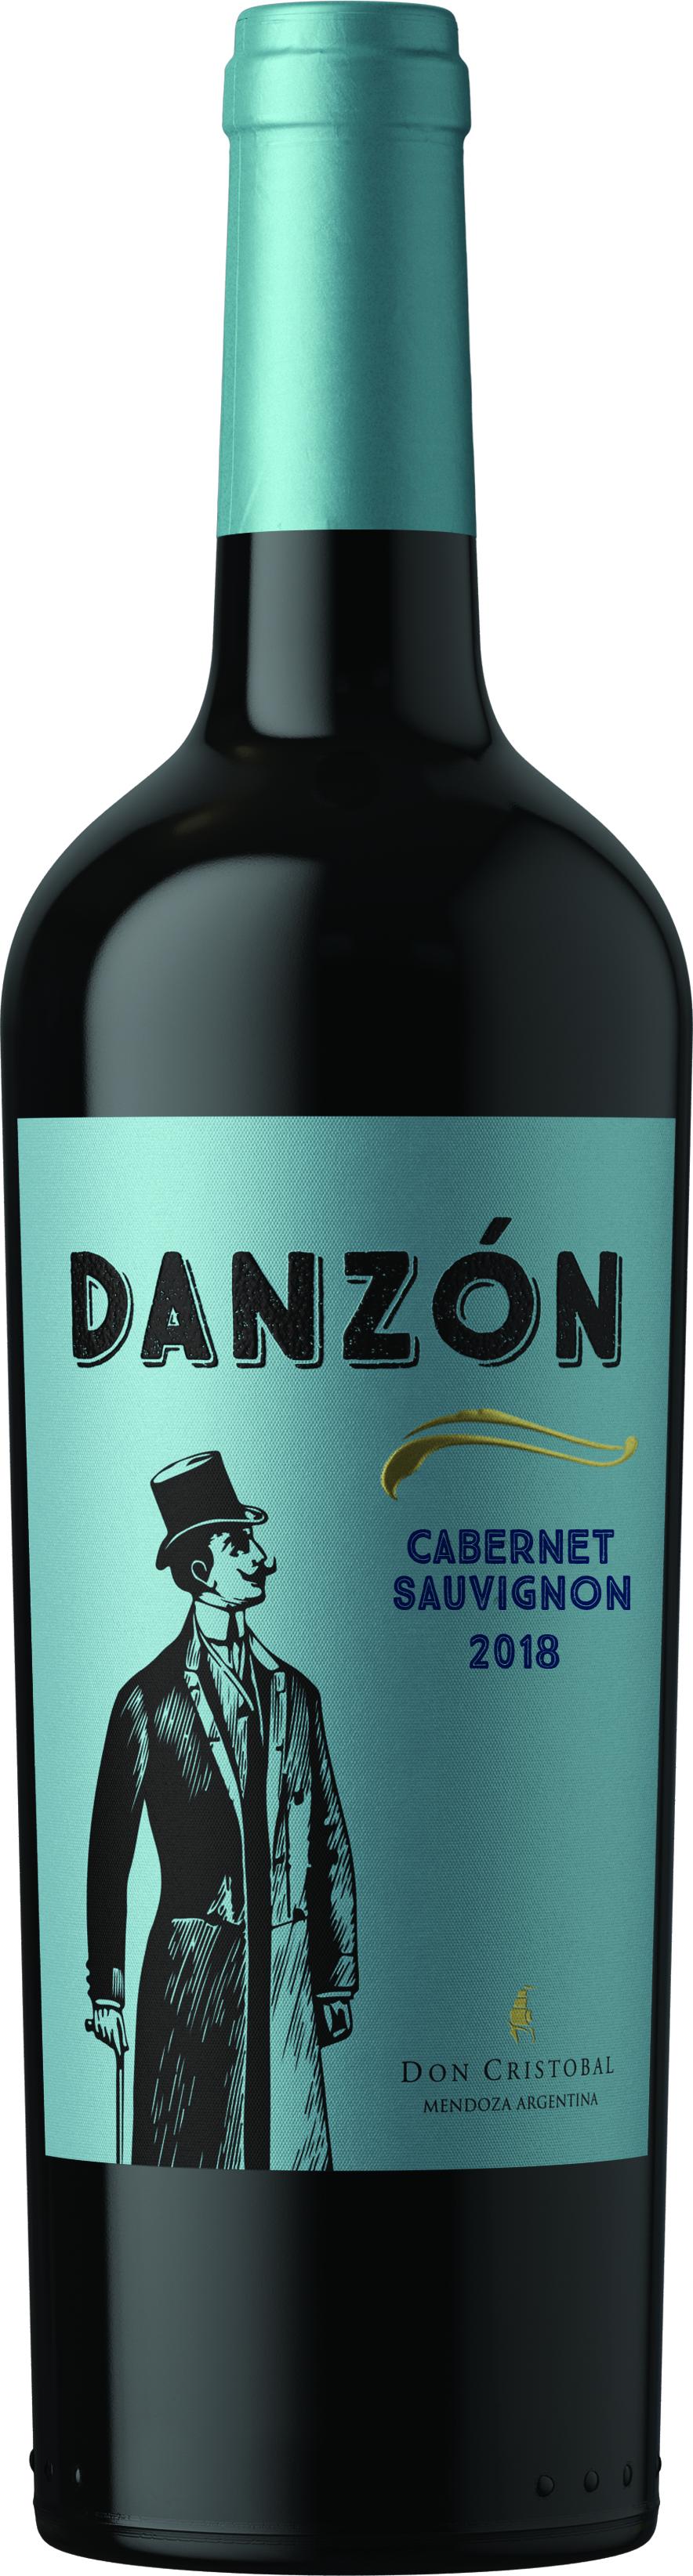 Danzon Cabernet Sauvignon